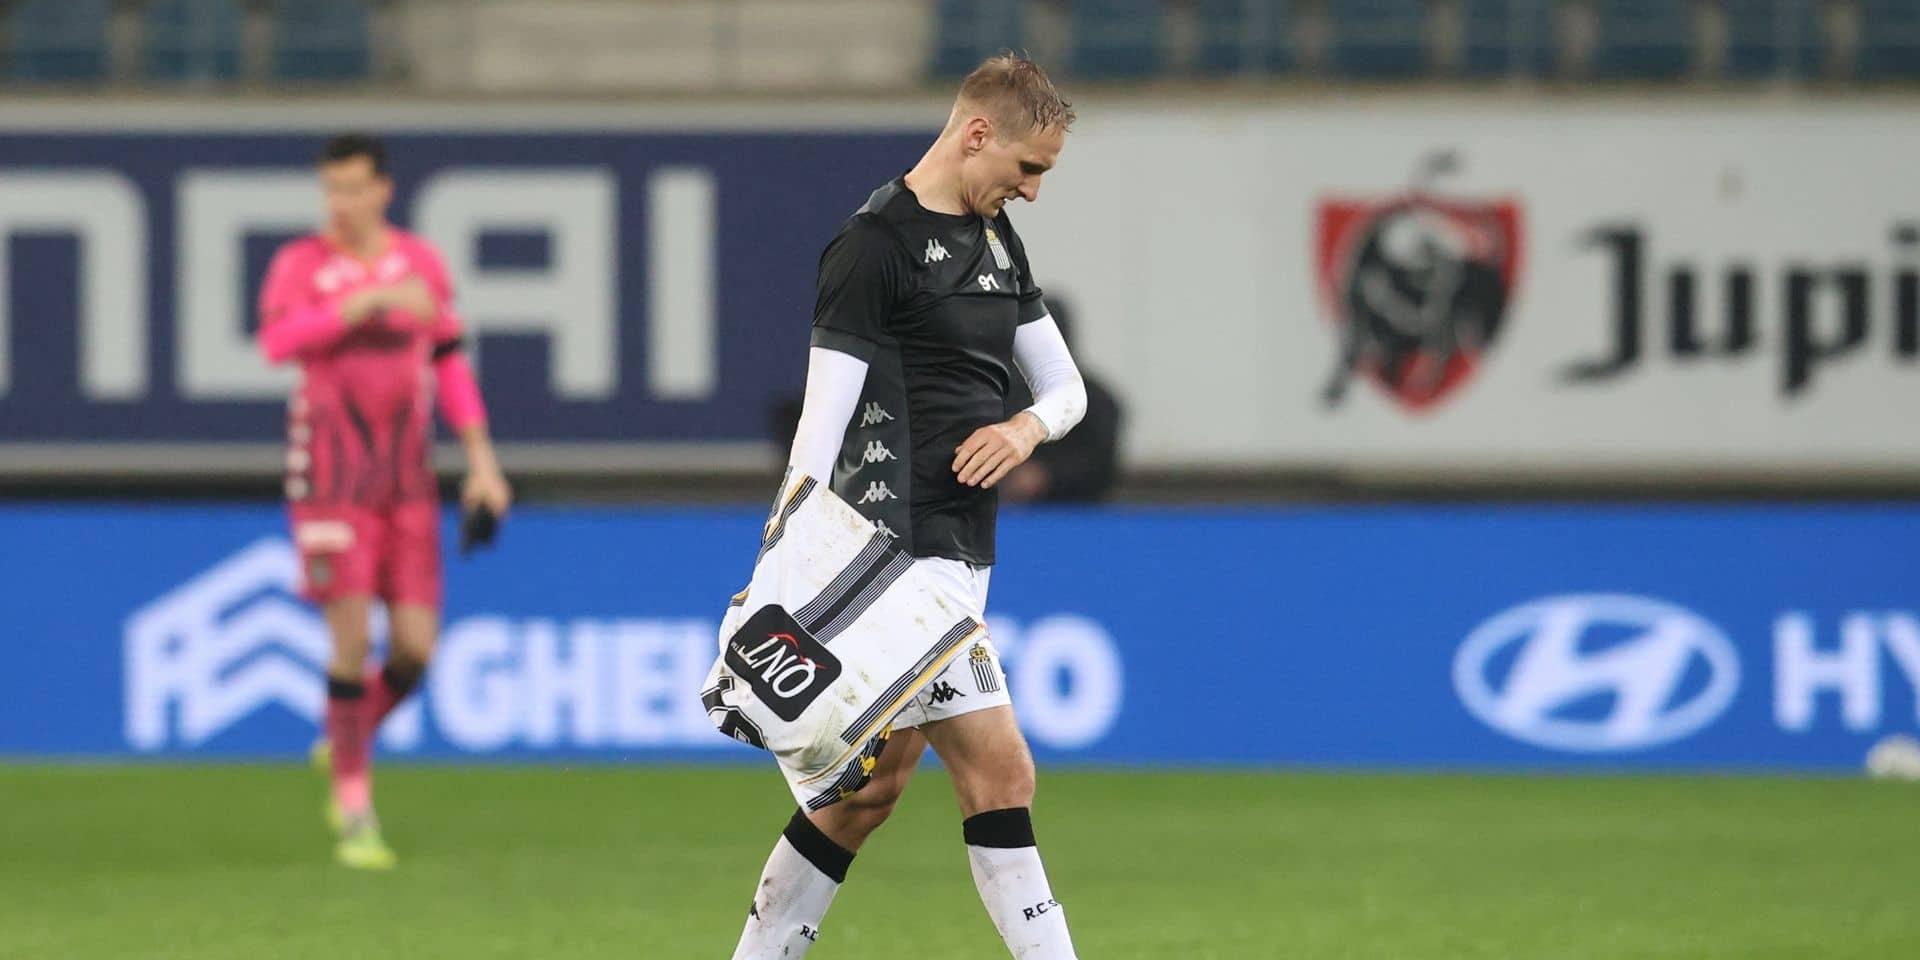 Teodorczyk en procès avec Anderlecht suite à un litige financier